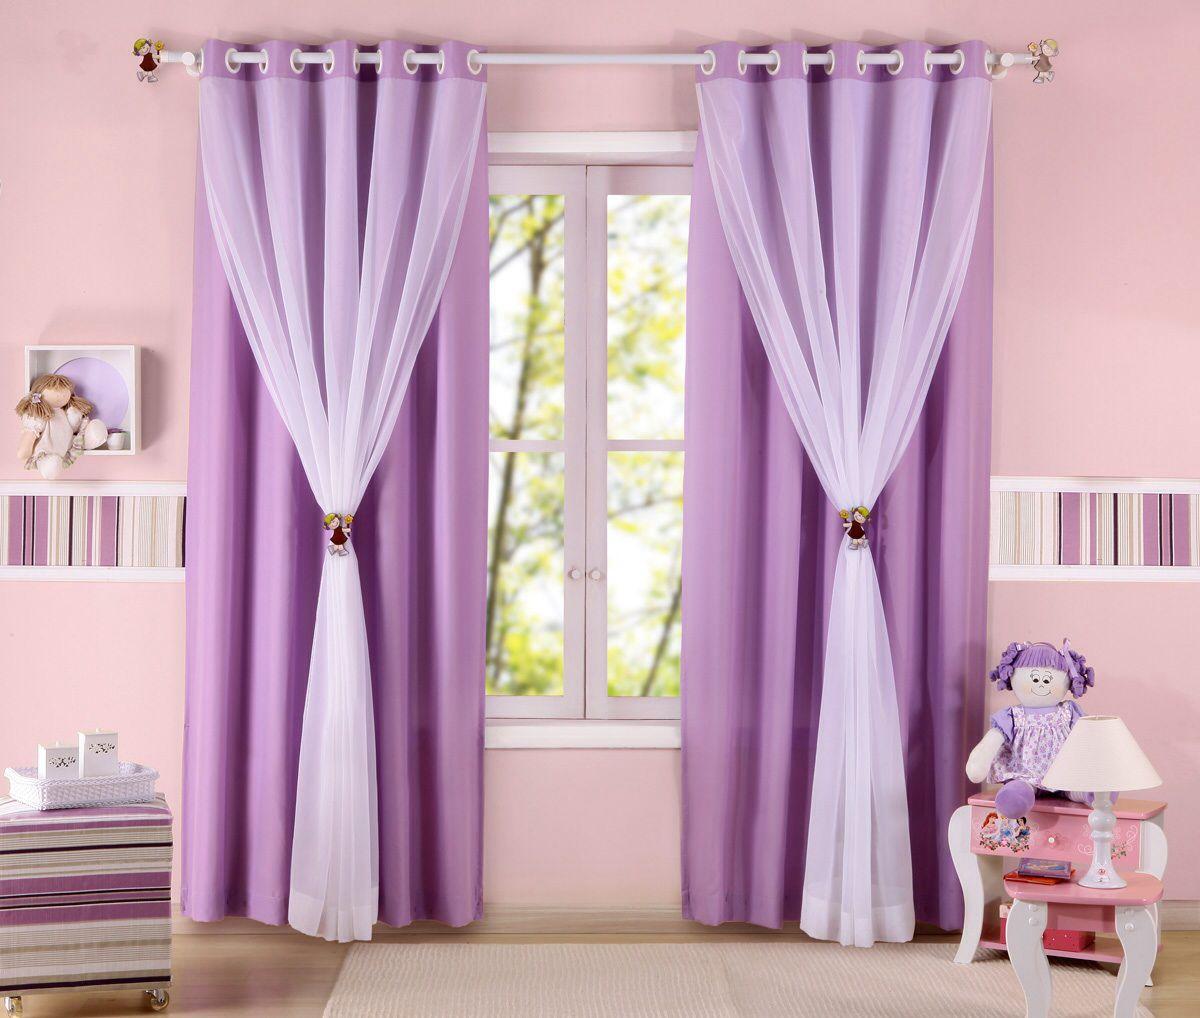 Trendy styles de rideaux voilages traitements pour fentres stores rideaux dcoration de salons for Voilage deco